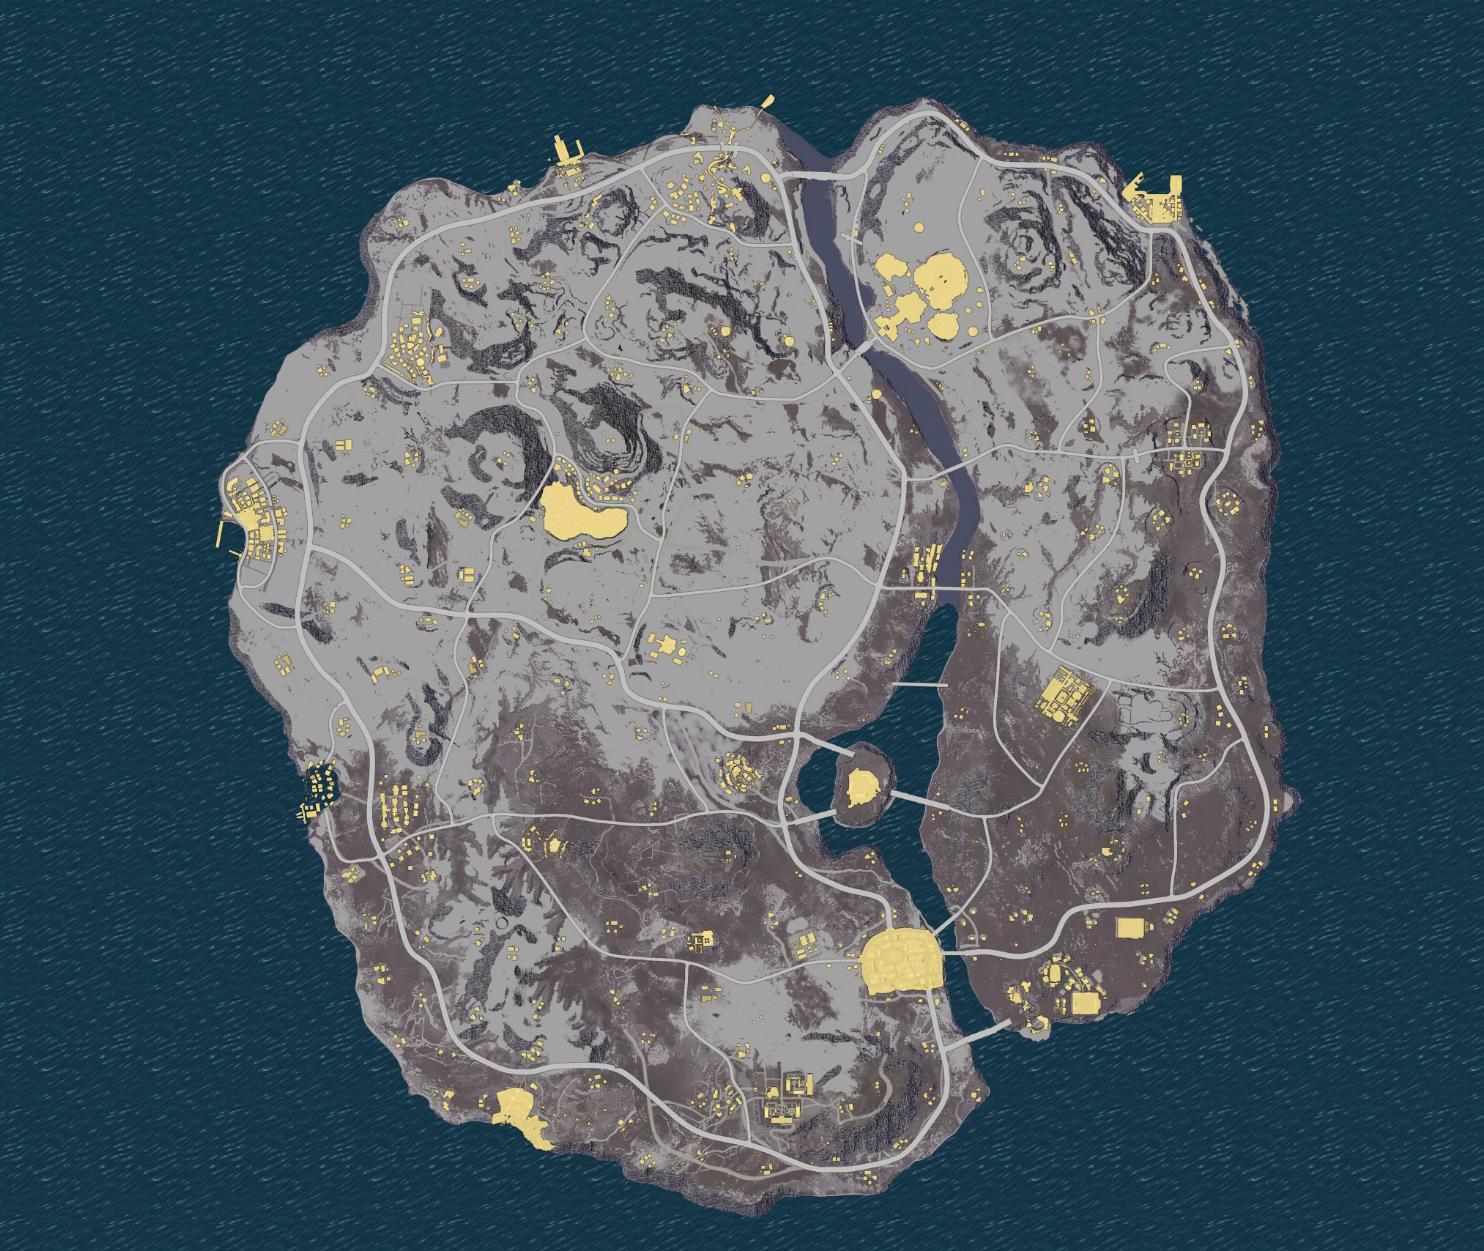 Arquivos de PUBG revelam novo mapa na neve e outras novidades